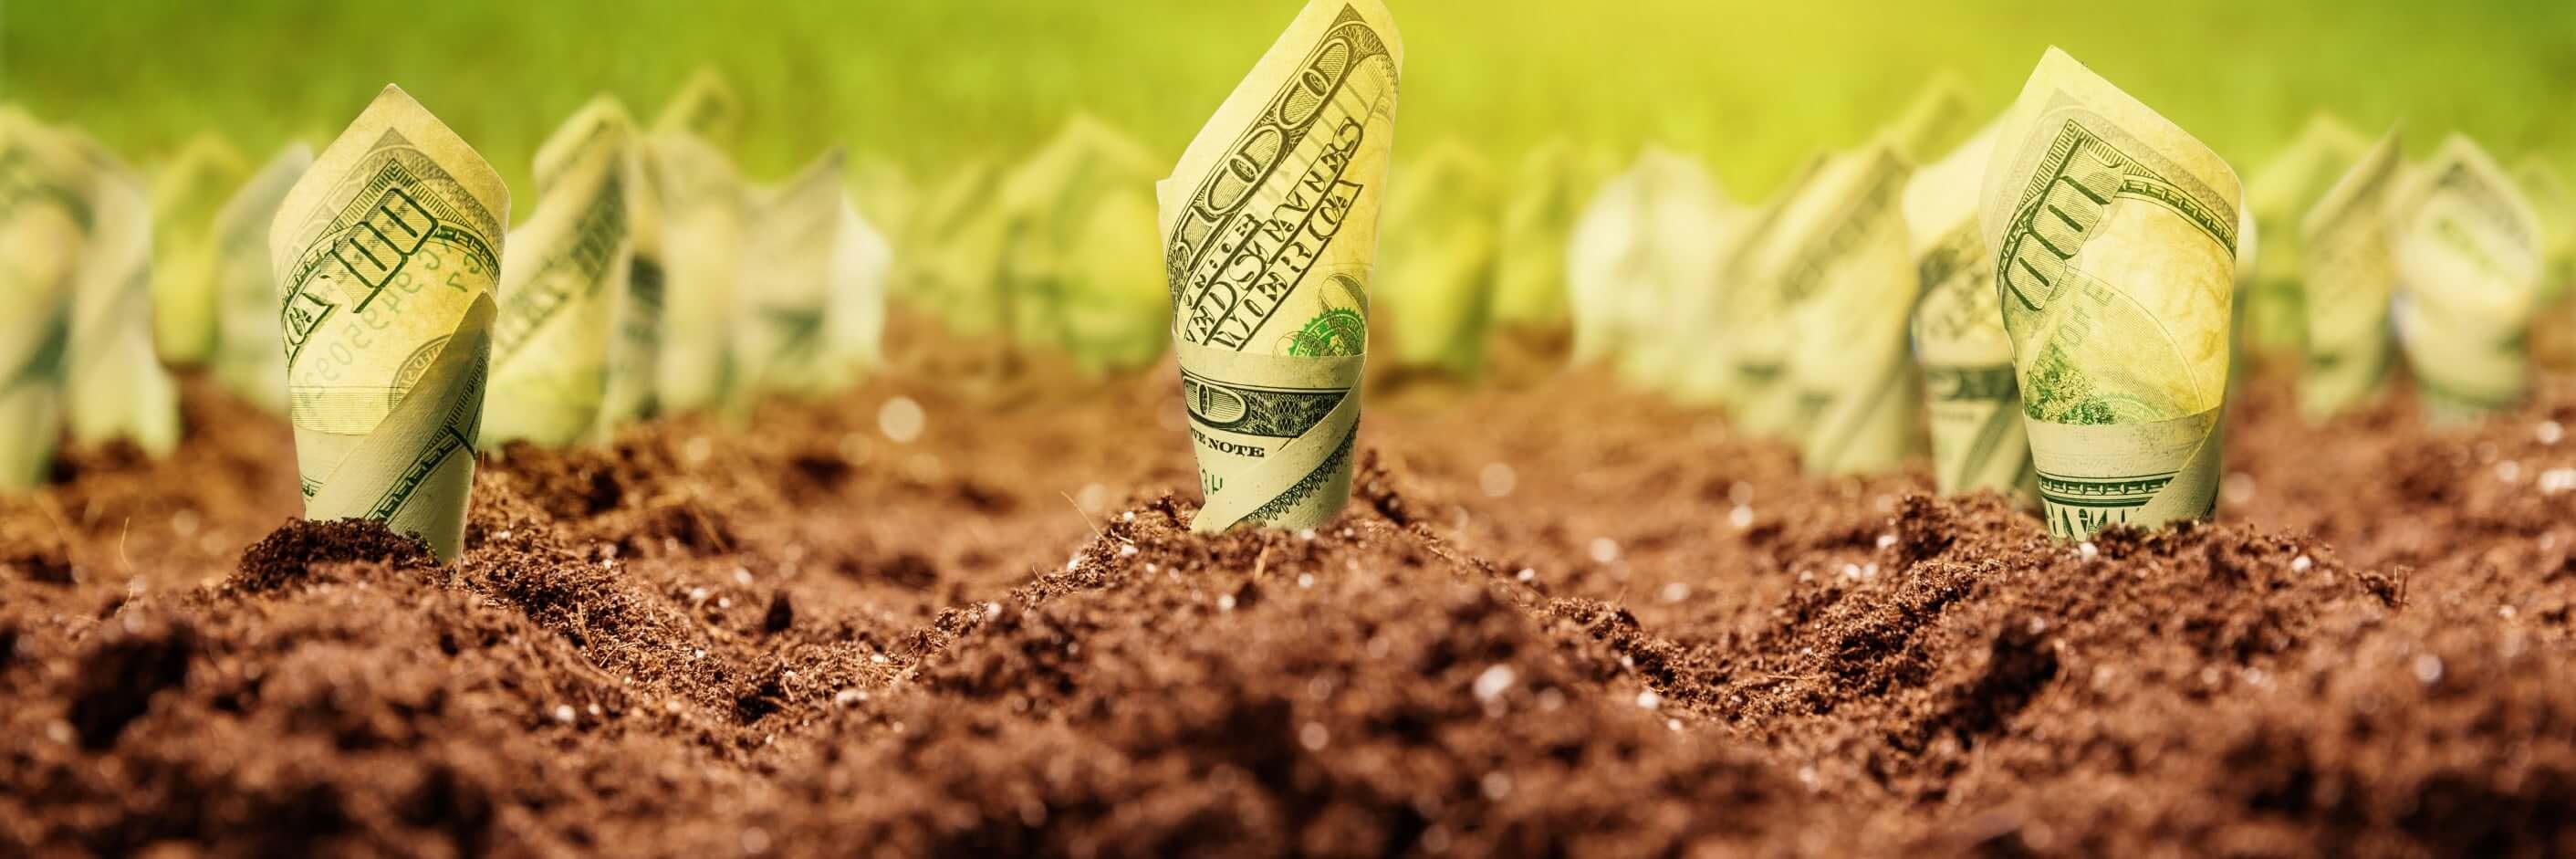 Tarımsal işletmelerde doğru kredilendirme modelleri ile yapılan yatırımlar, işletmelerin büyümesine olumlu katkılar sağlamaktadır.